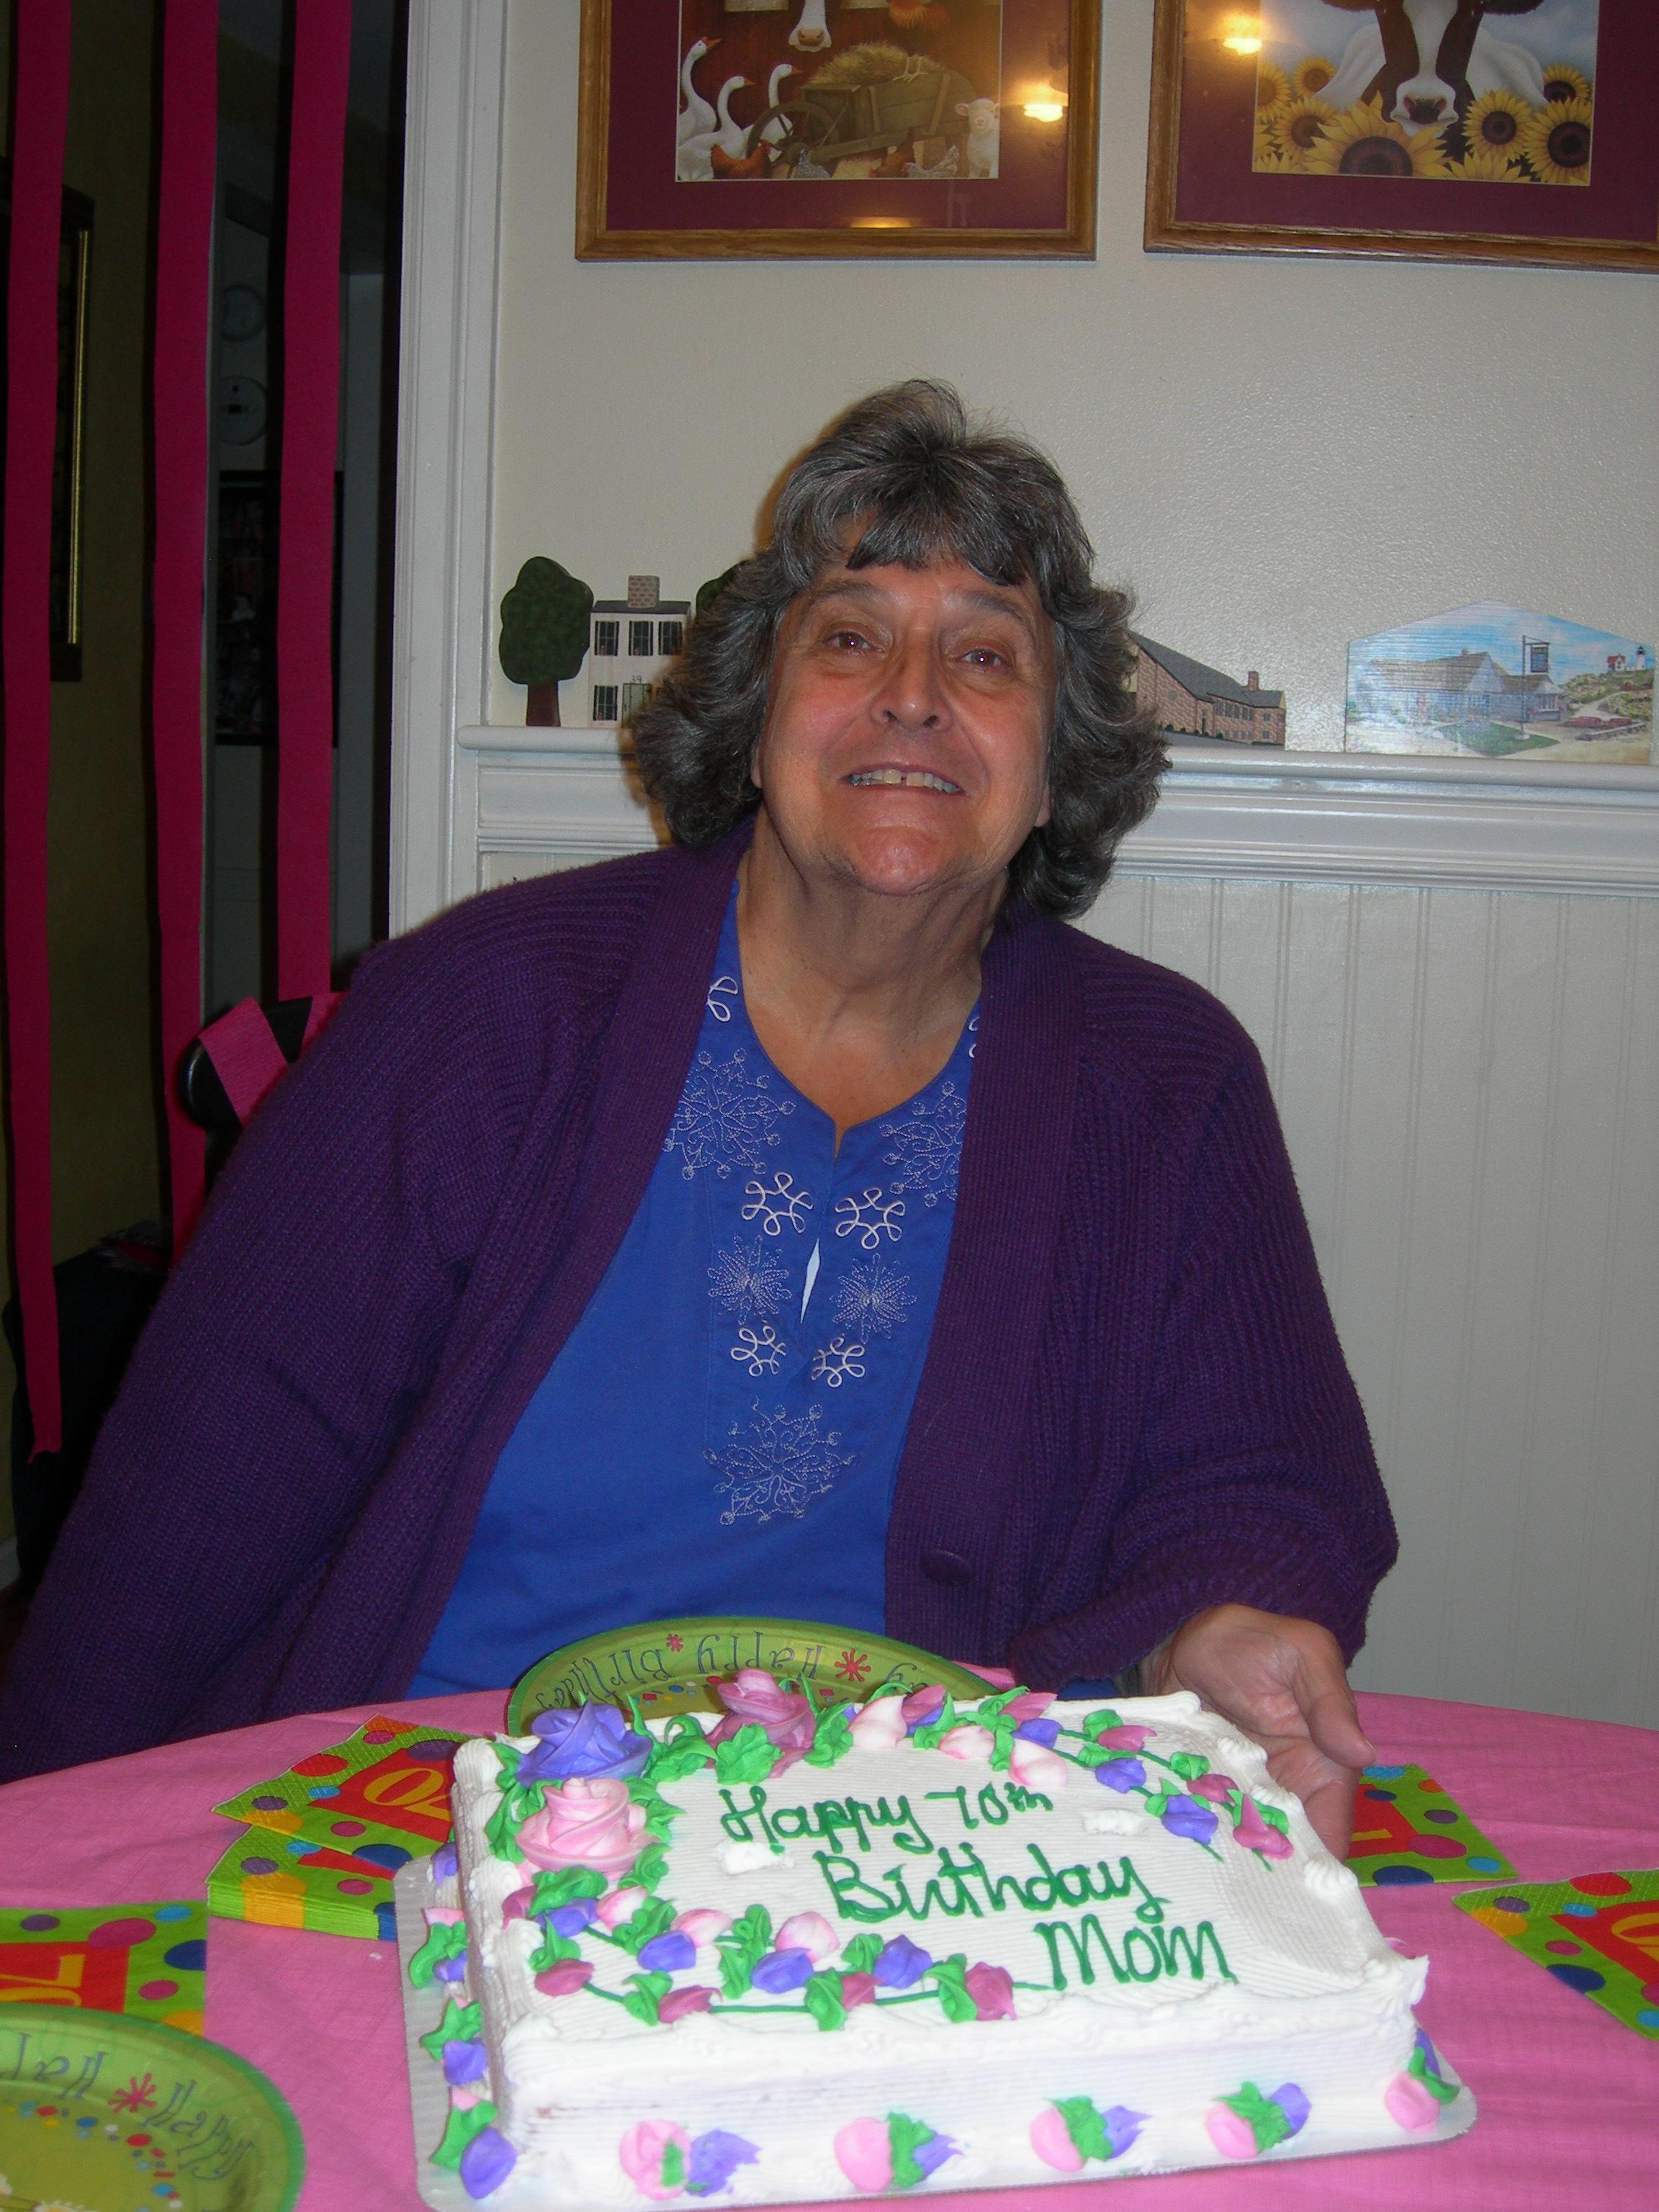 Happy 70th Birthday To My Mom Crushmonkey S Blog